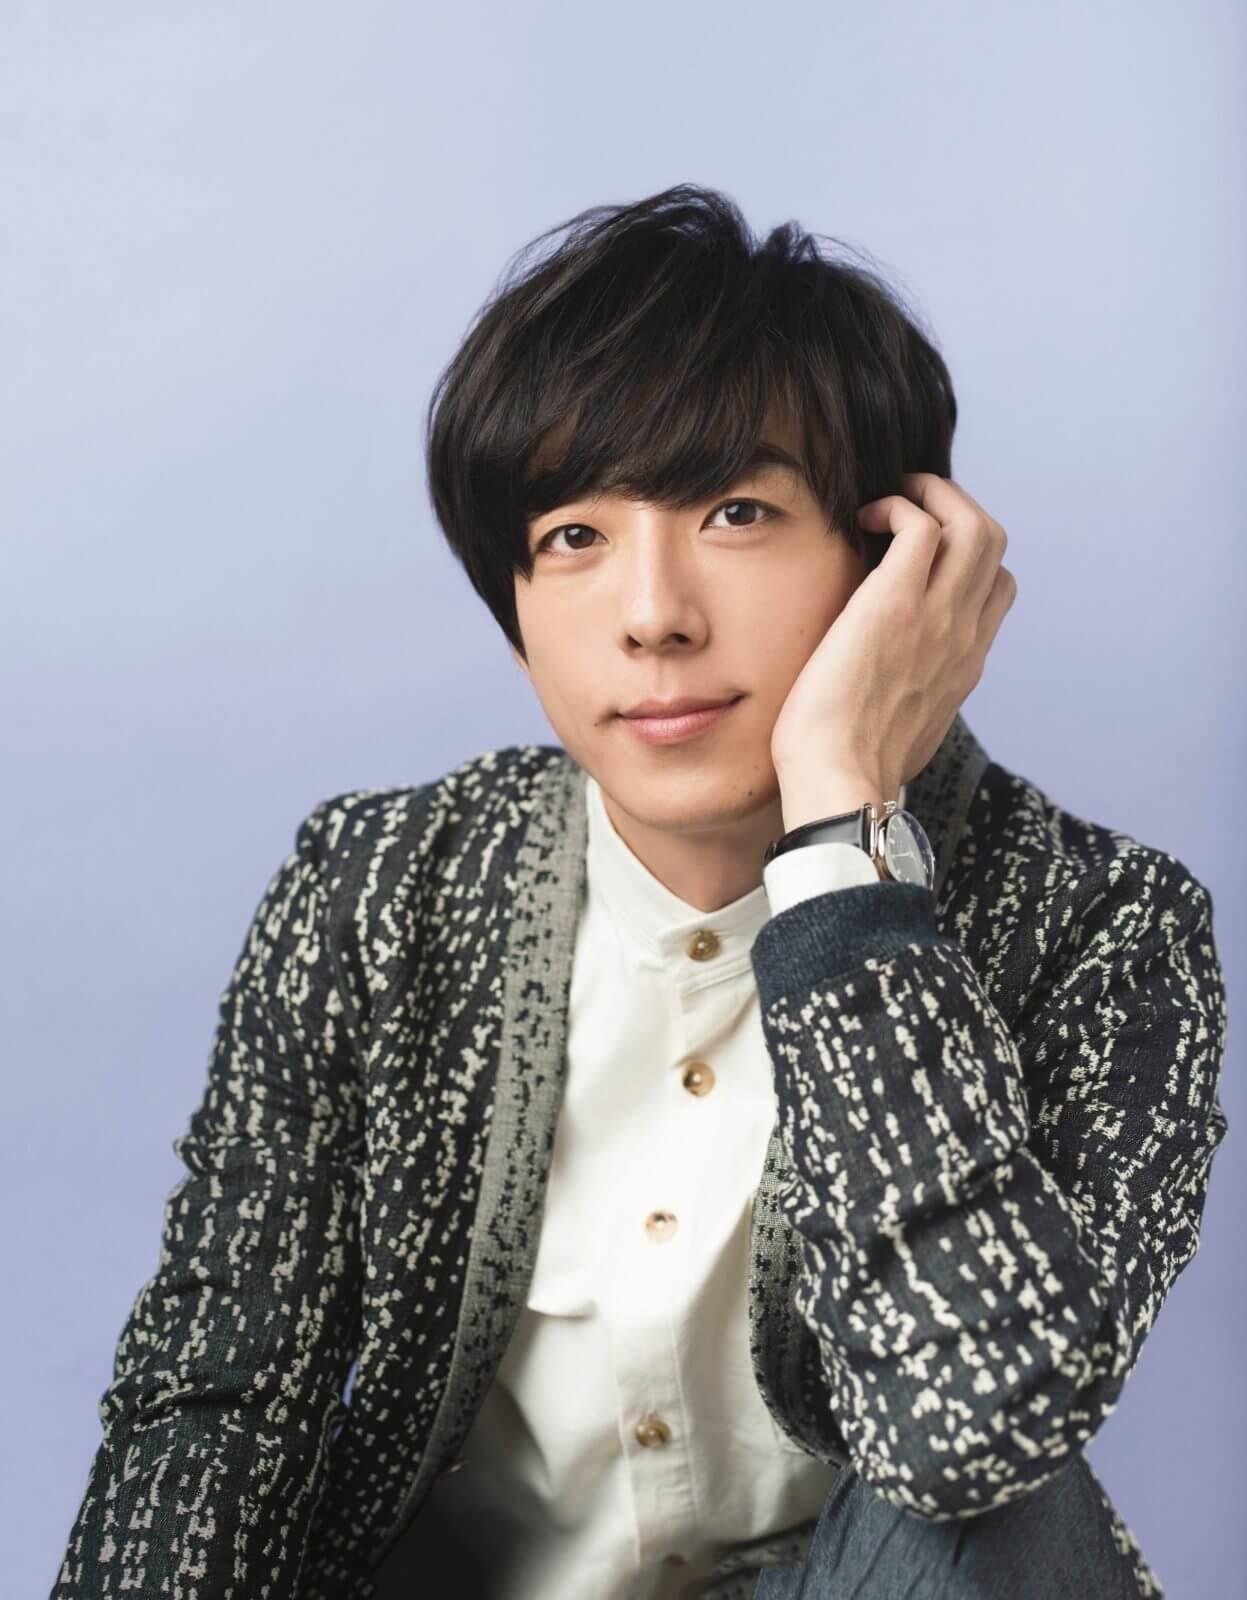 長瀬智也と高橋一生が18年前に初共演したドラマにネット驚き「衝撃」「気づかなかった」サムネイル画像